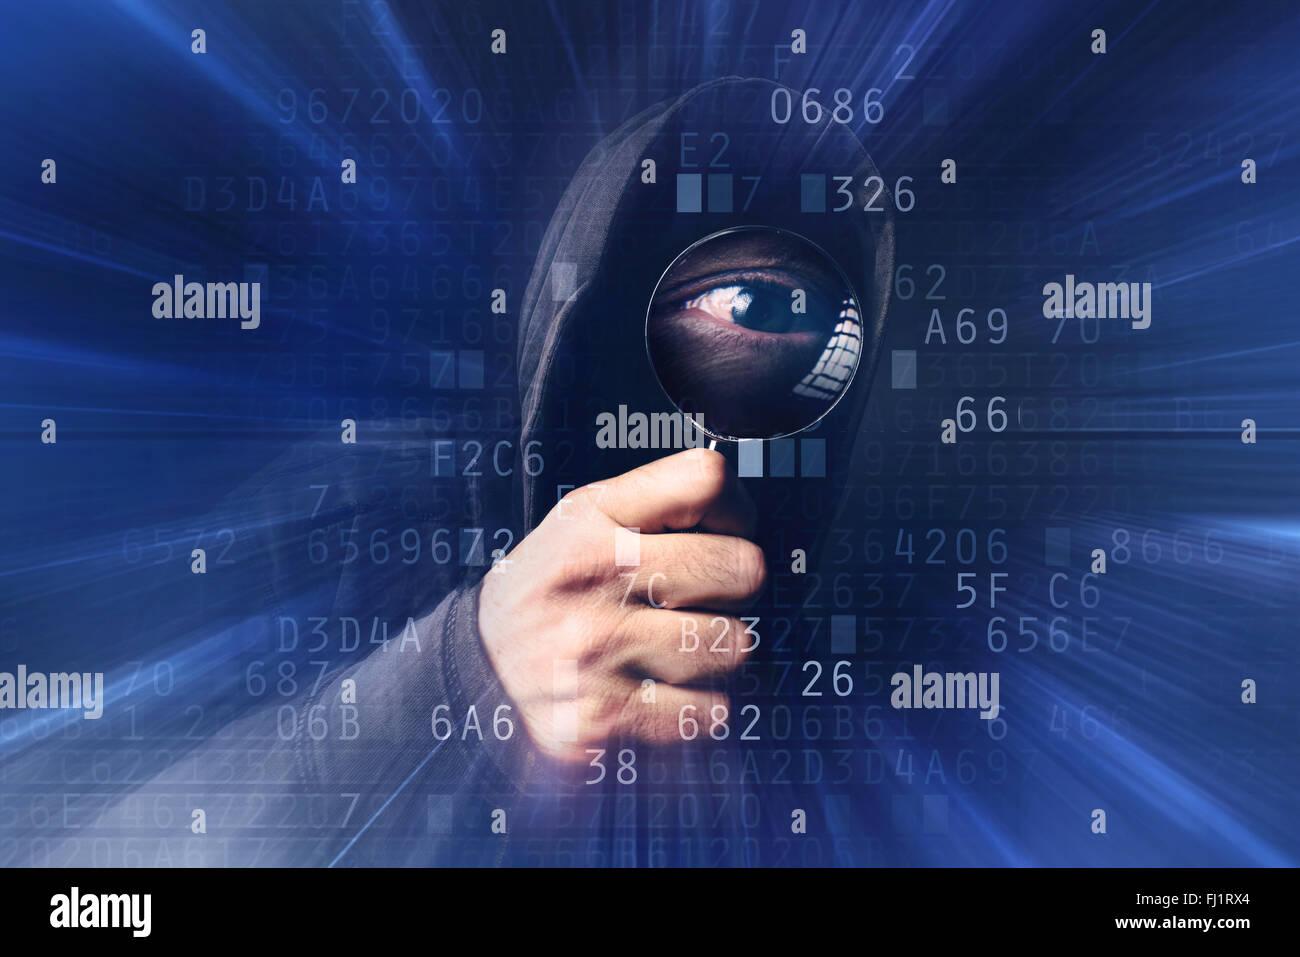 Spyware Antivirus, bizzare spooky hooded hacker loupe de l'analyse de code hexadécimal de l'ordinateur, Photo Stock